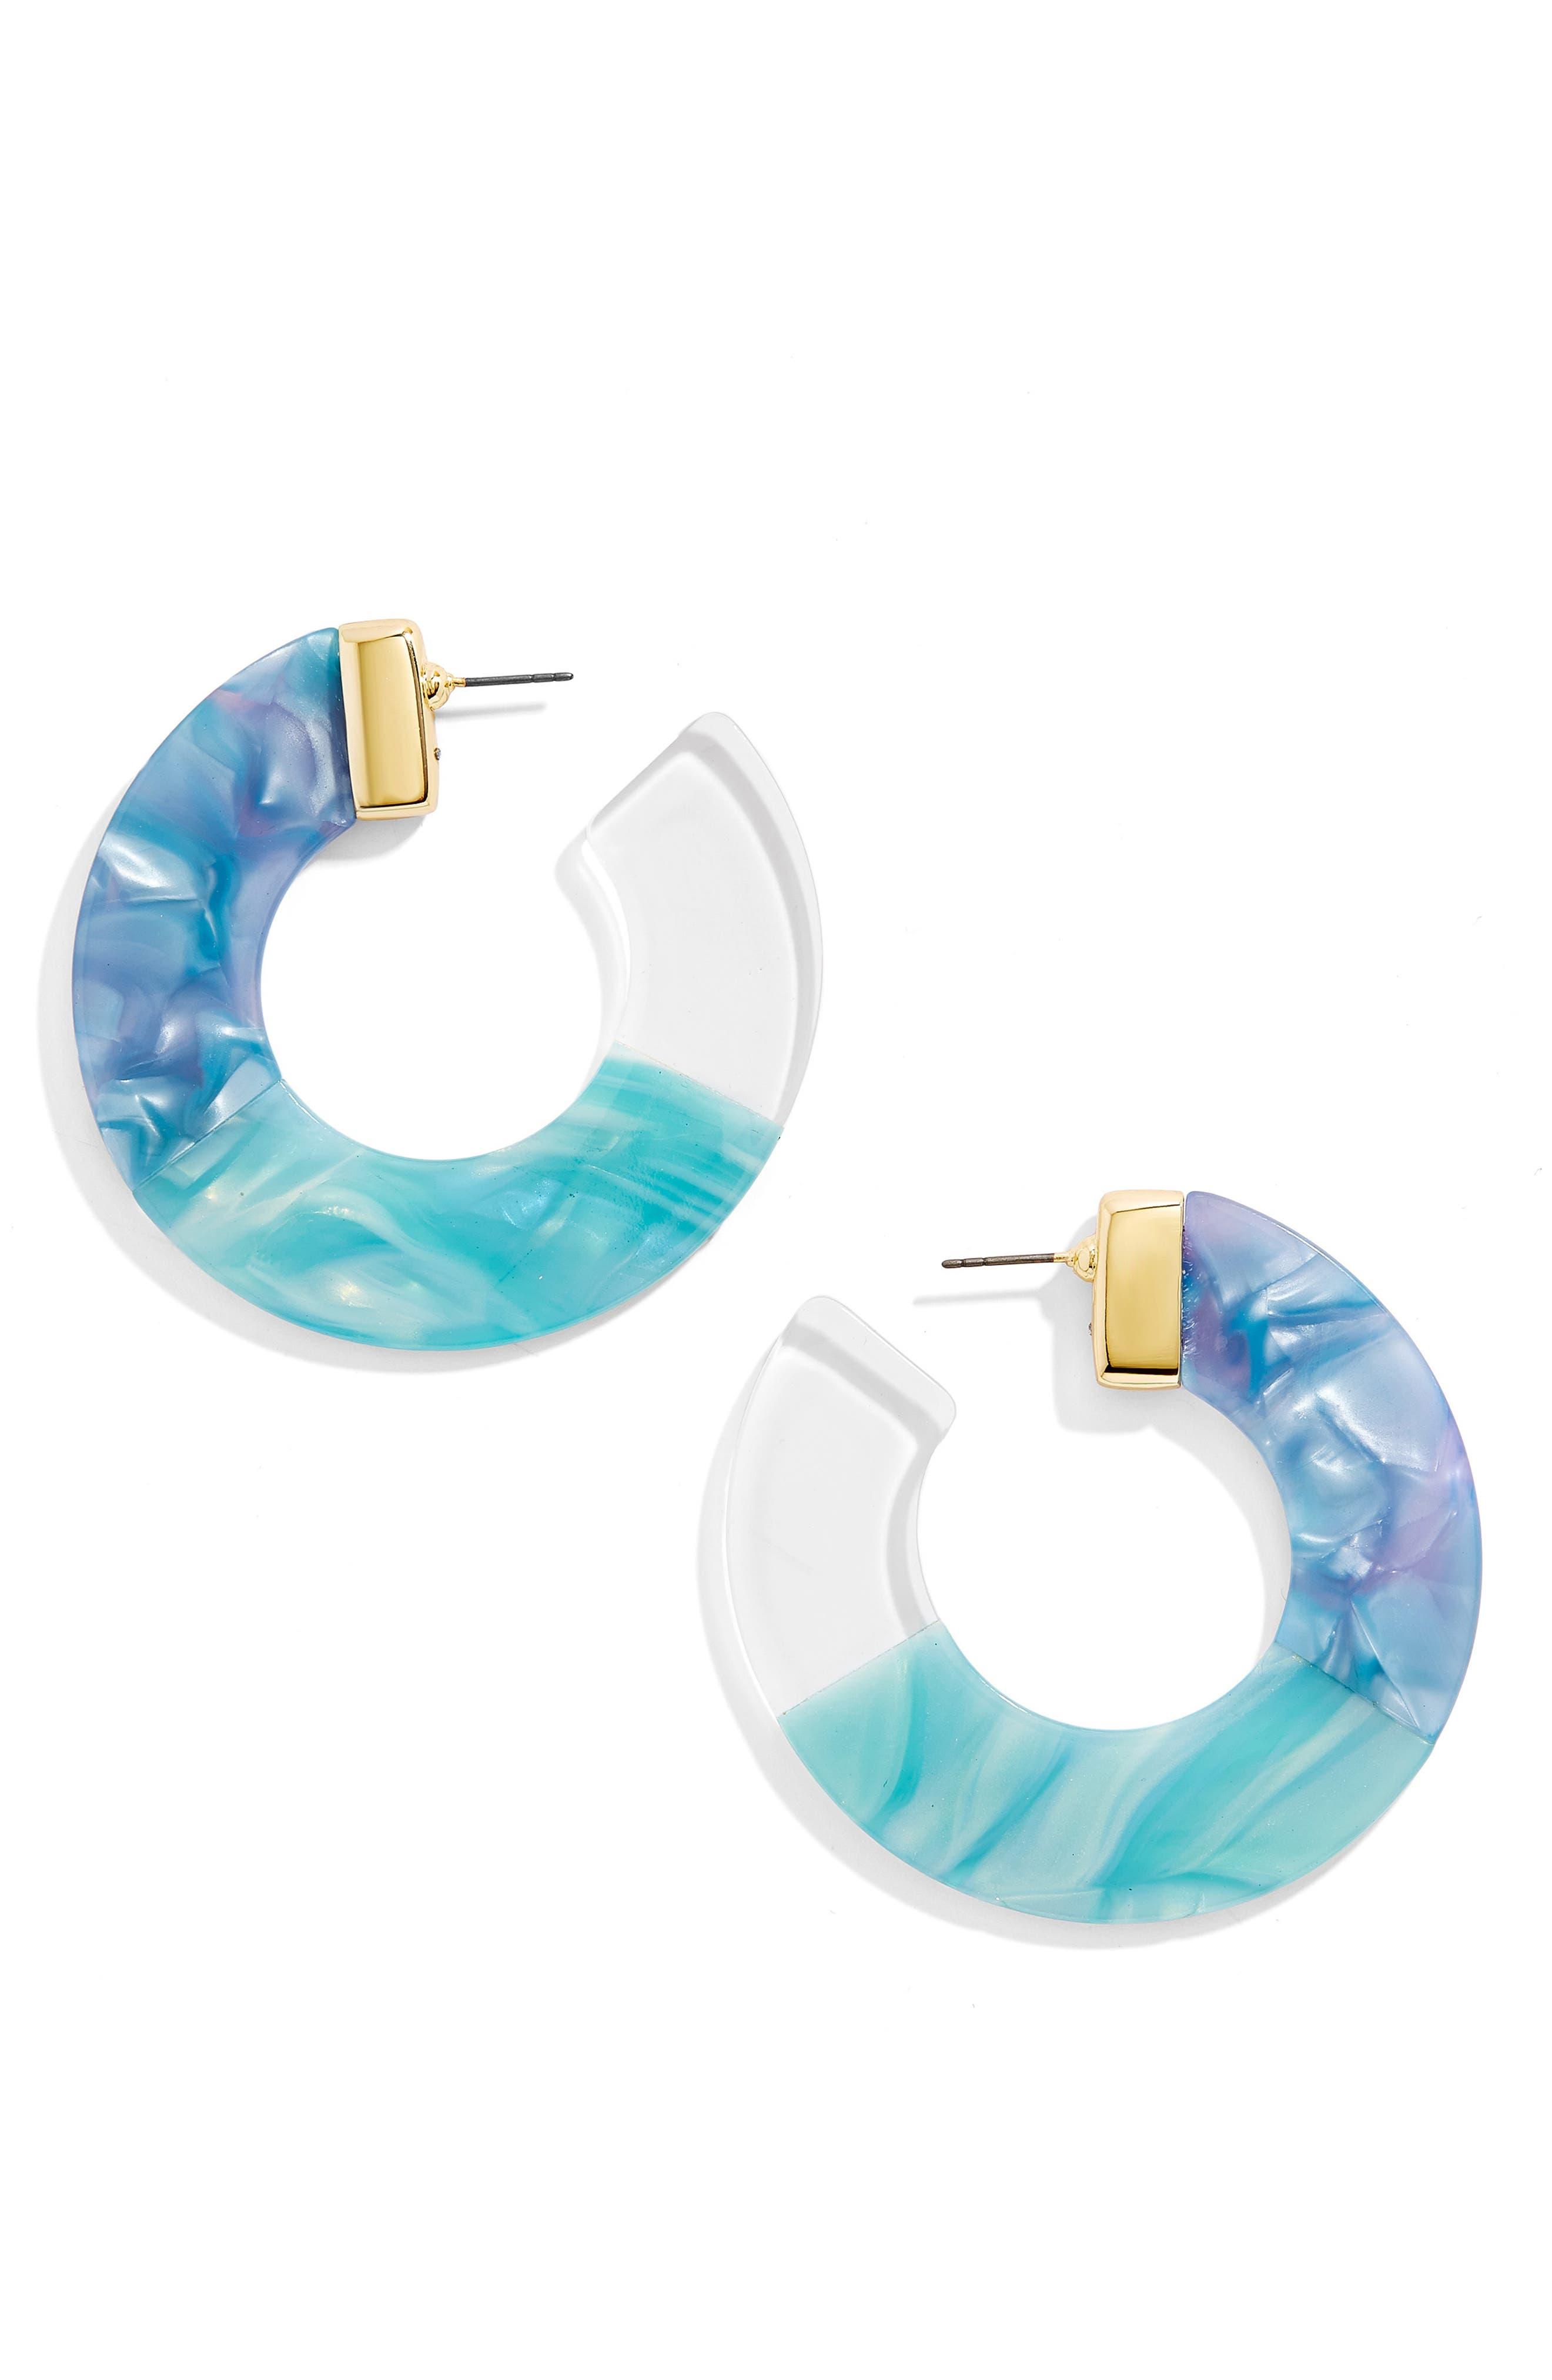 Dessa Hoop Earrings,                             Main thumbnail 1, color,                             BLUE/ WHITE